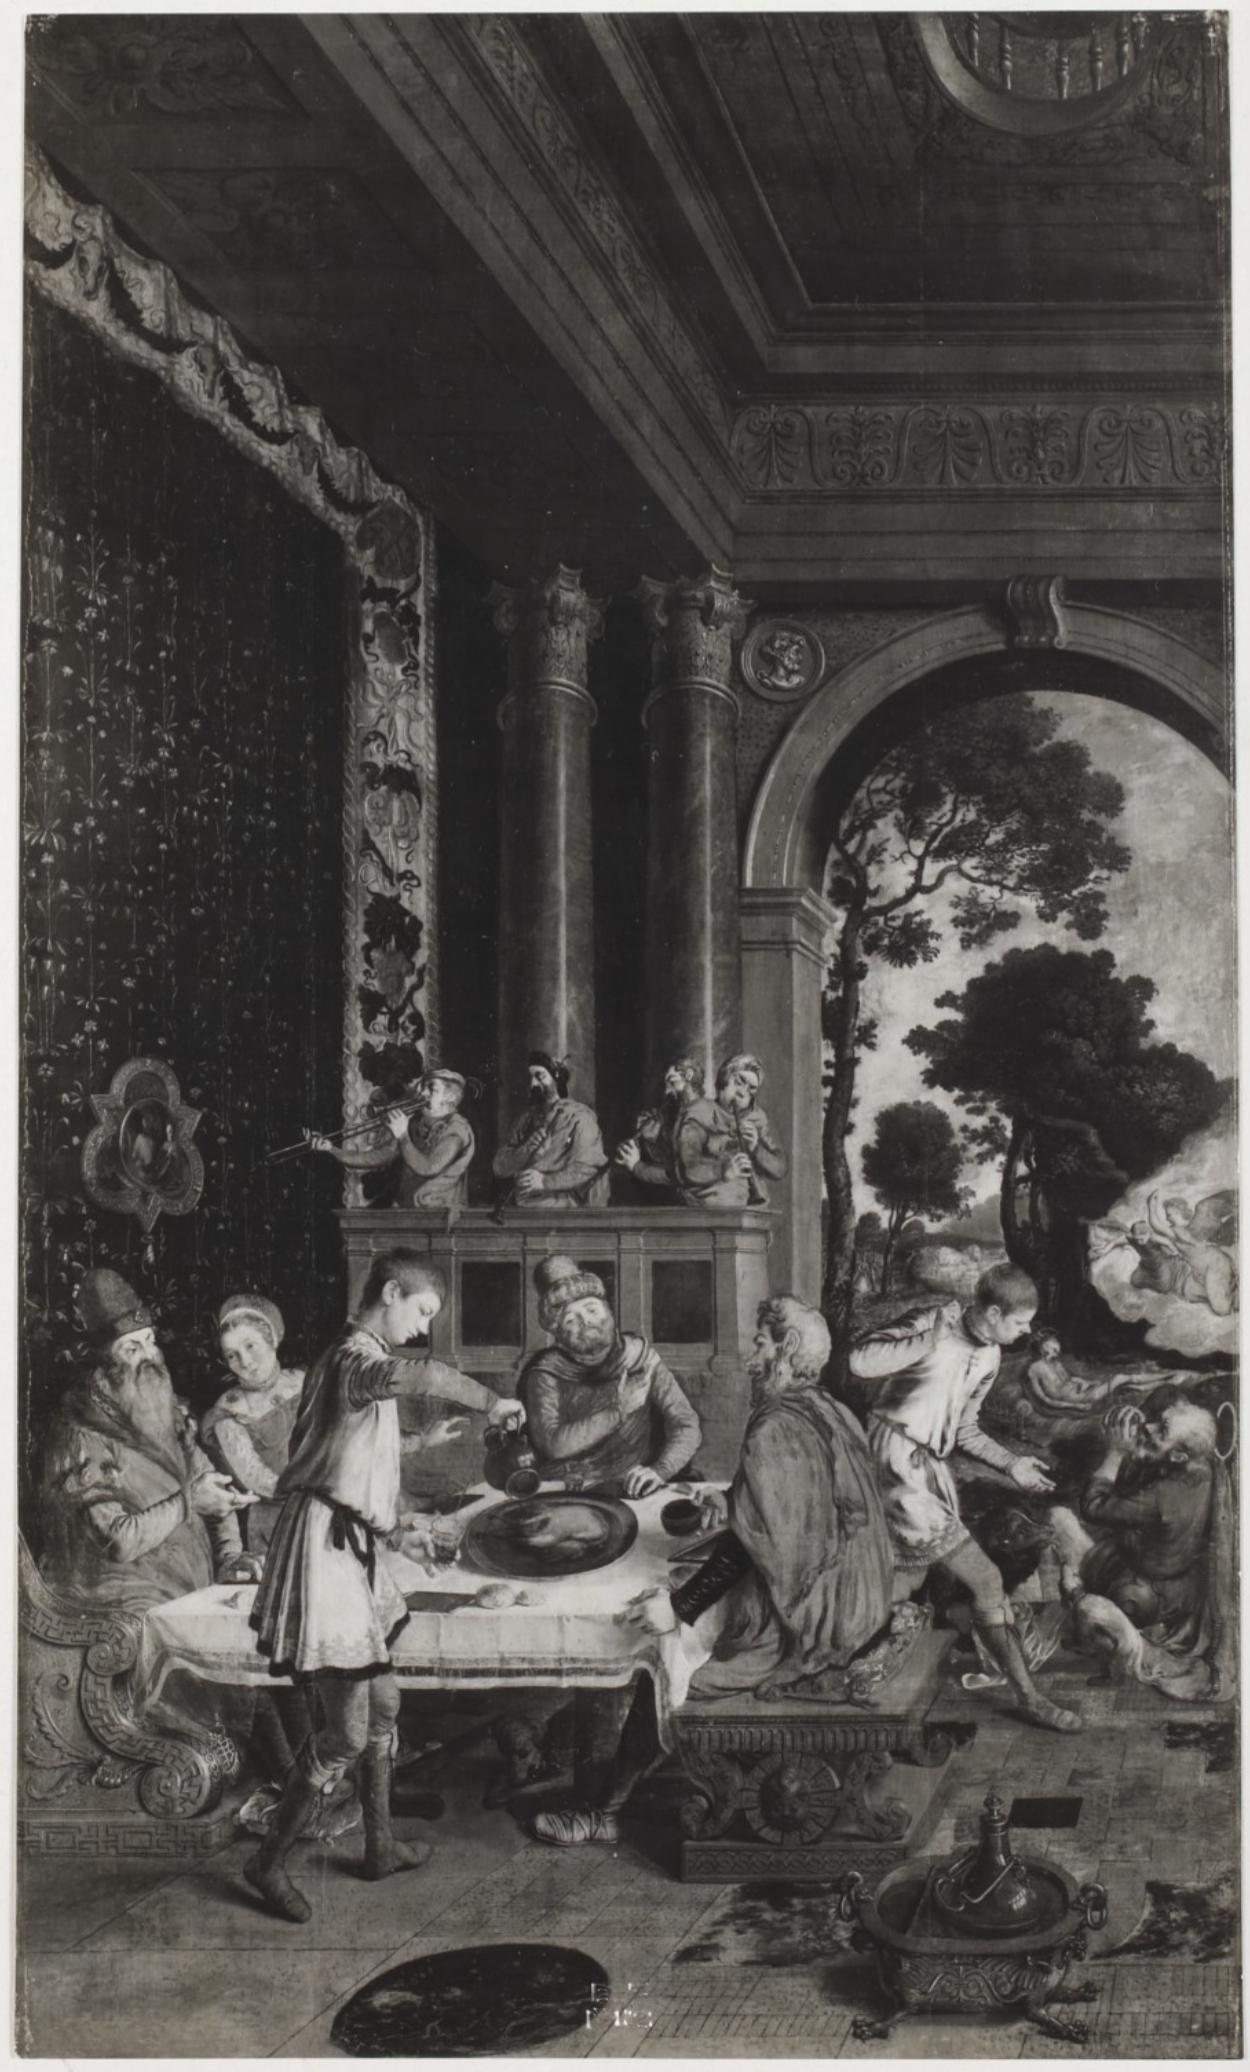 biblical banquet